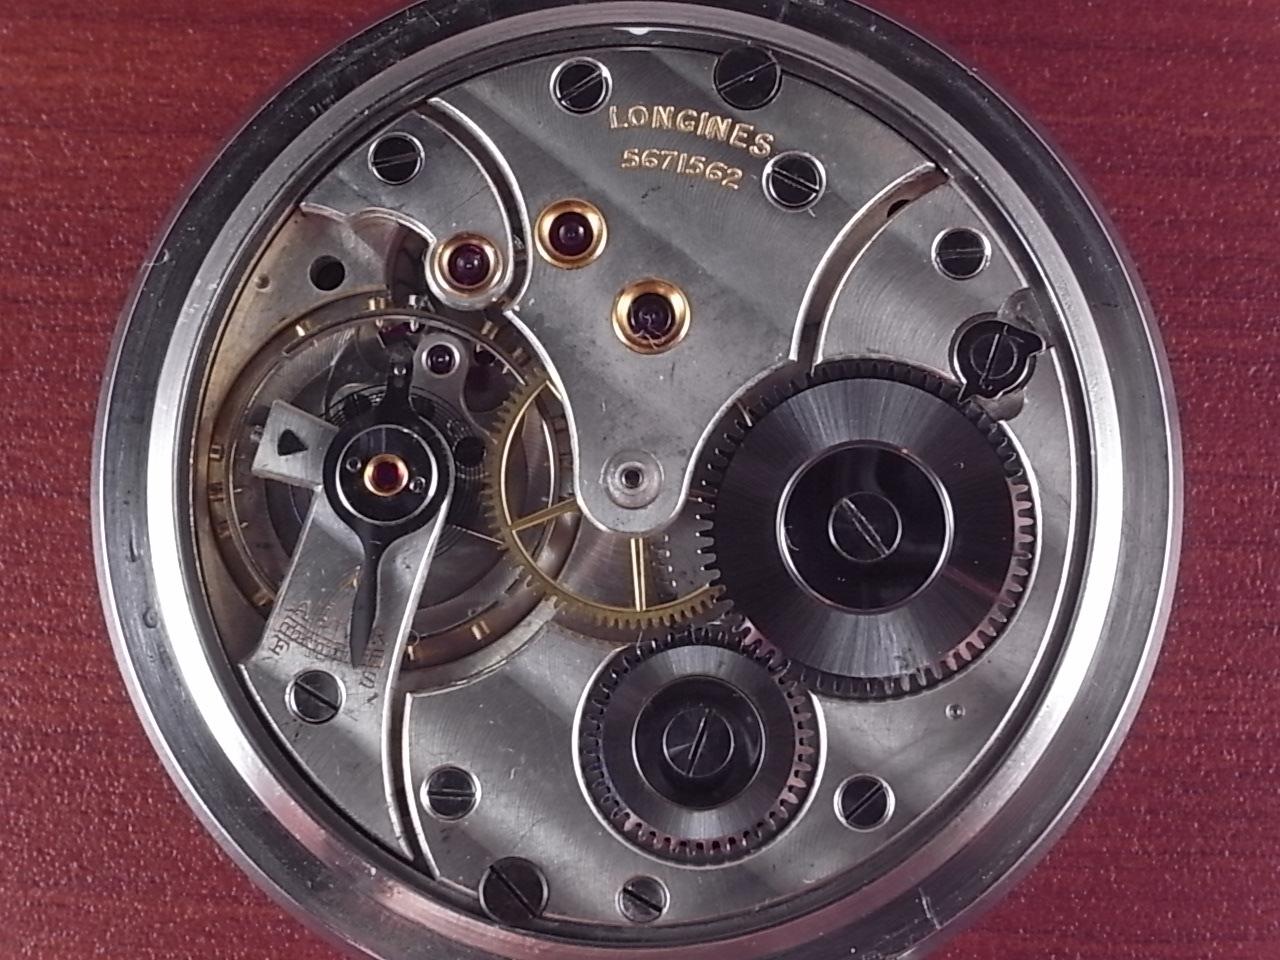 ロンジン ポケットウォッチ ブラックミラーダイアル 1930年代の写真5枚目